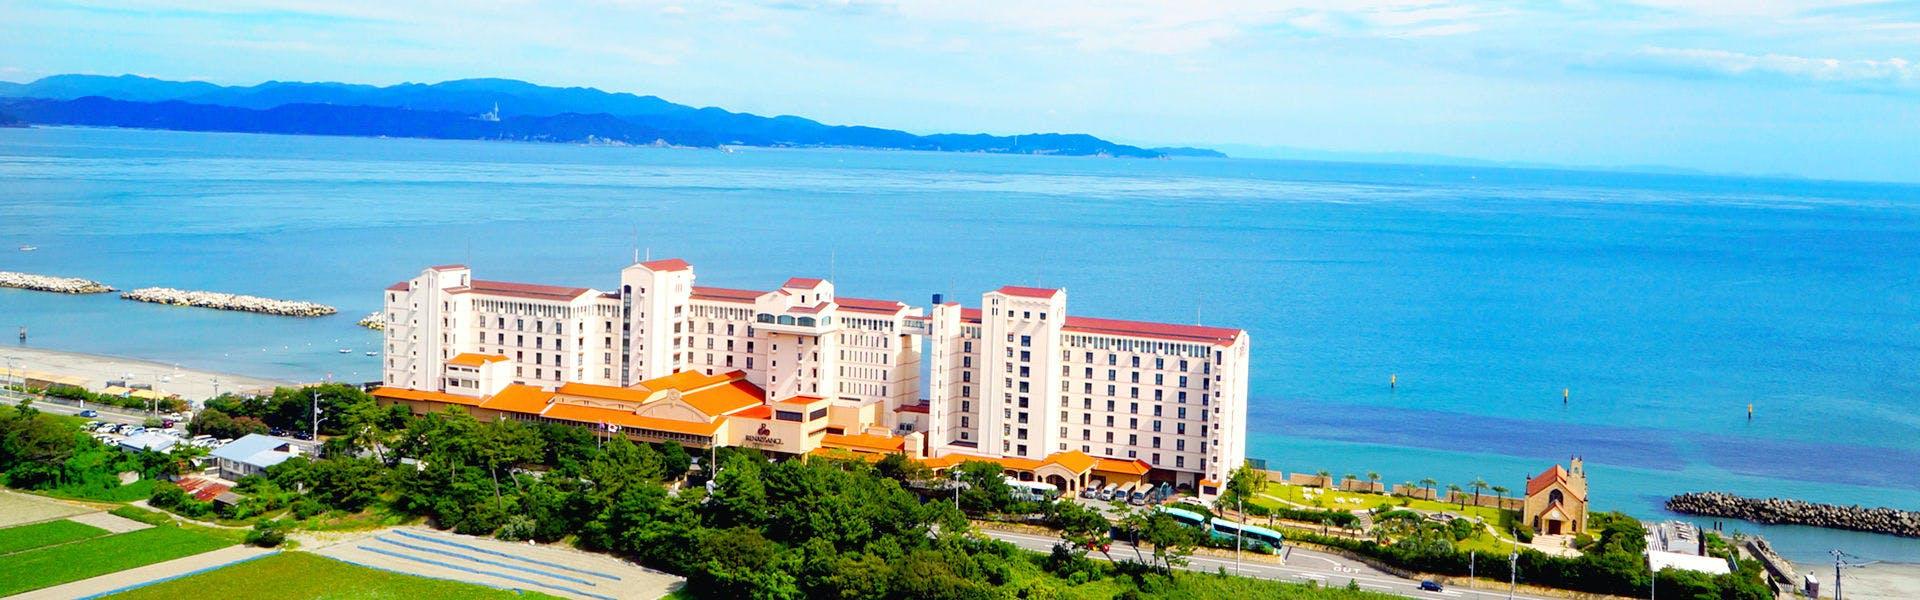 四国ホテル